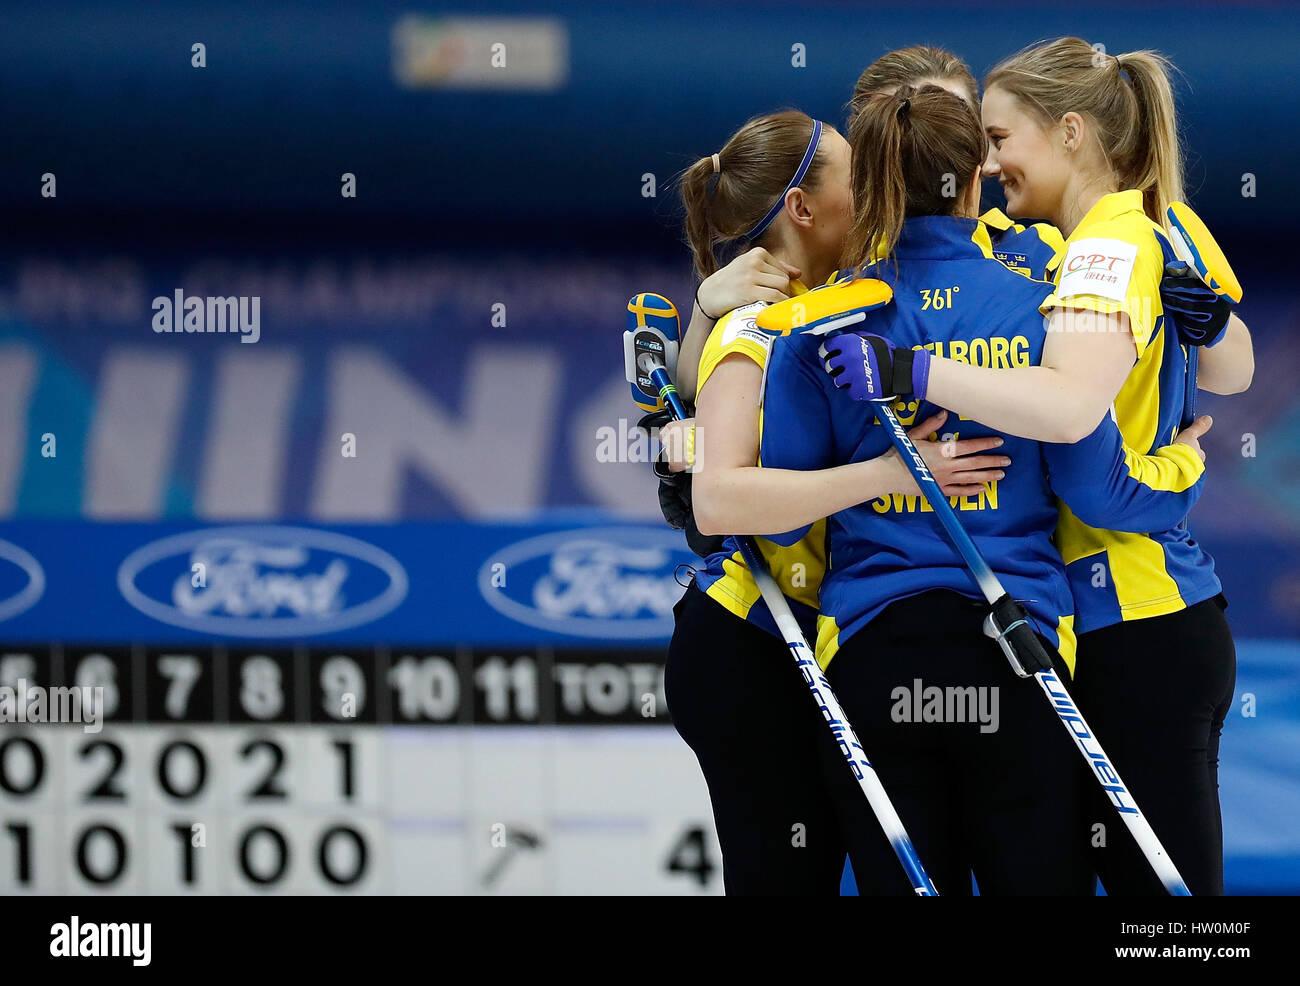 Beijing, China. 23 Mar, 2017. Jugadores de Suecia después de celebrar el Campeonato del Mundo de Curling Femenino round-robin partido contra China en Beijing, capital de China, 23 de marzo de 2017. Suecia ganó 10-4 . Crédito: Wang Lili/Xinhua/Alamy Live News Foto de stock